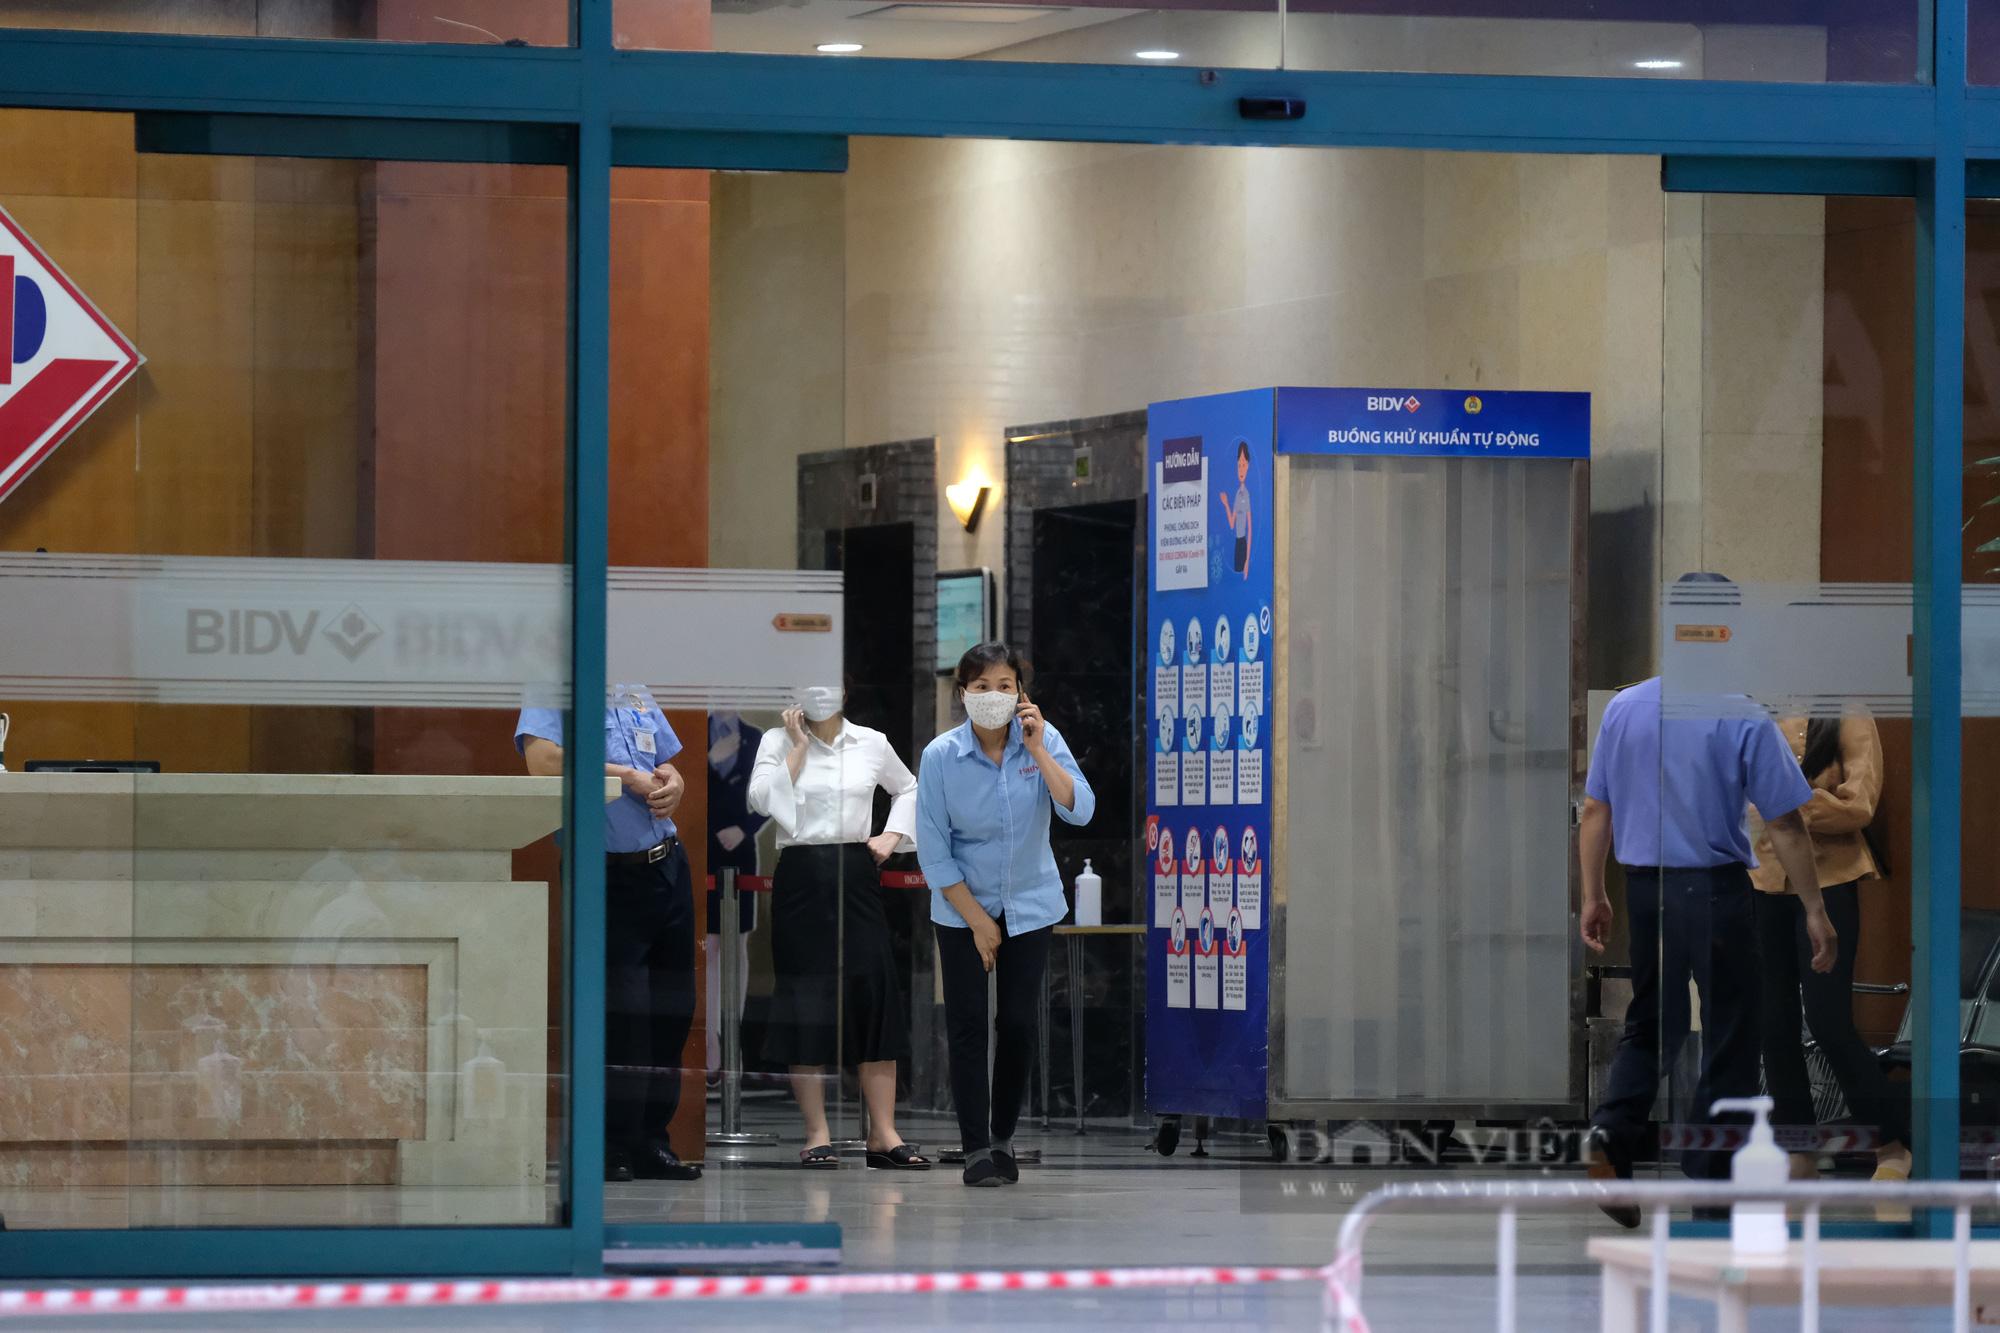 Khẩn trương truy vết người bị nghi nhiễm Covid-19 tại Vincom Bà Triệu - Ảnh 5.